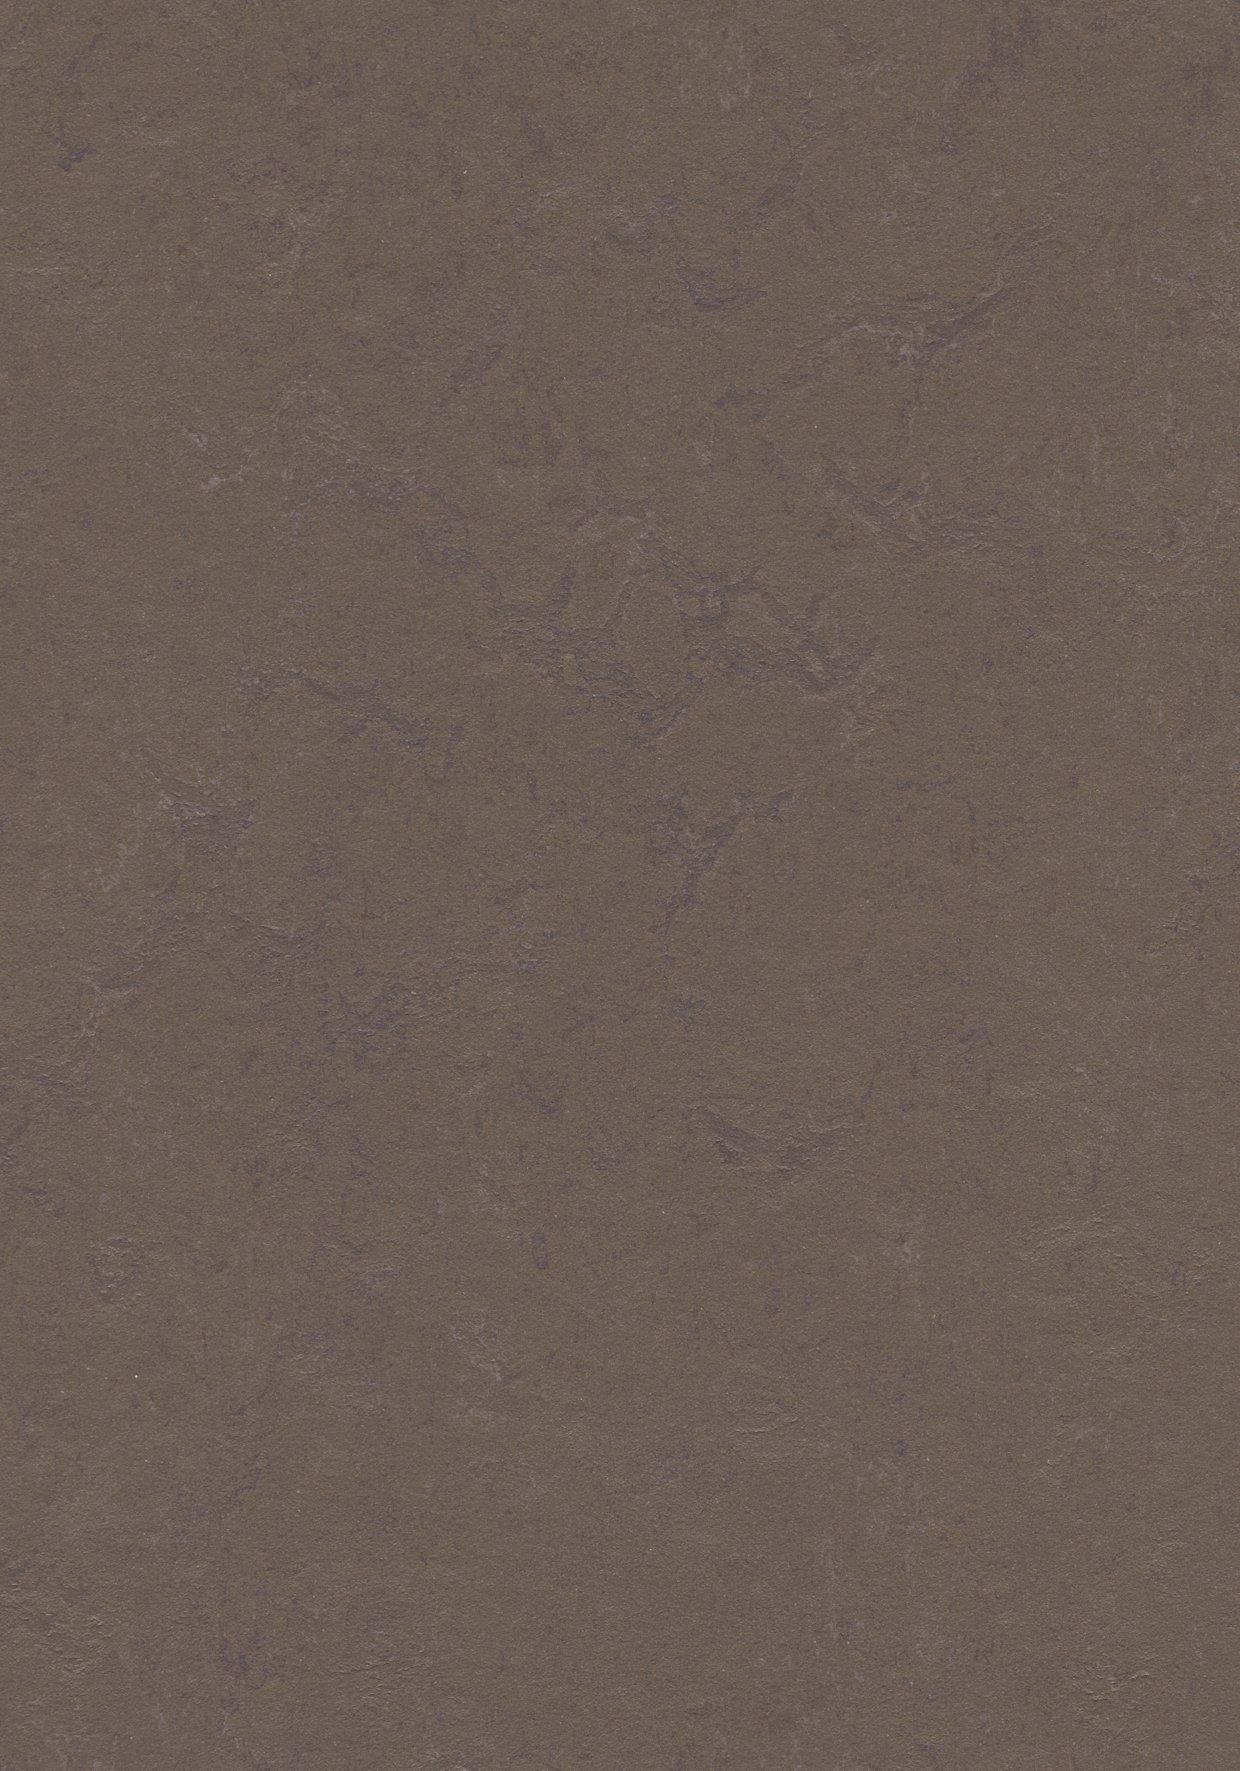 633568 Marmoleum Click Delta Lace